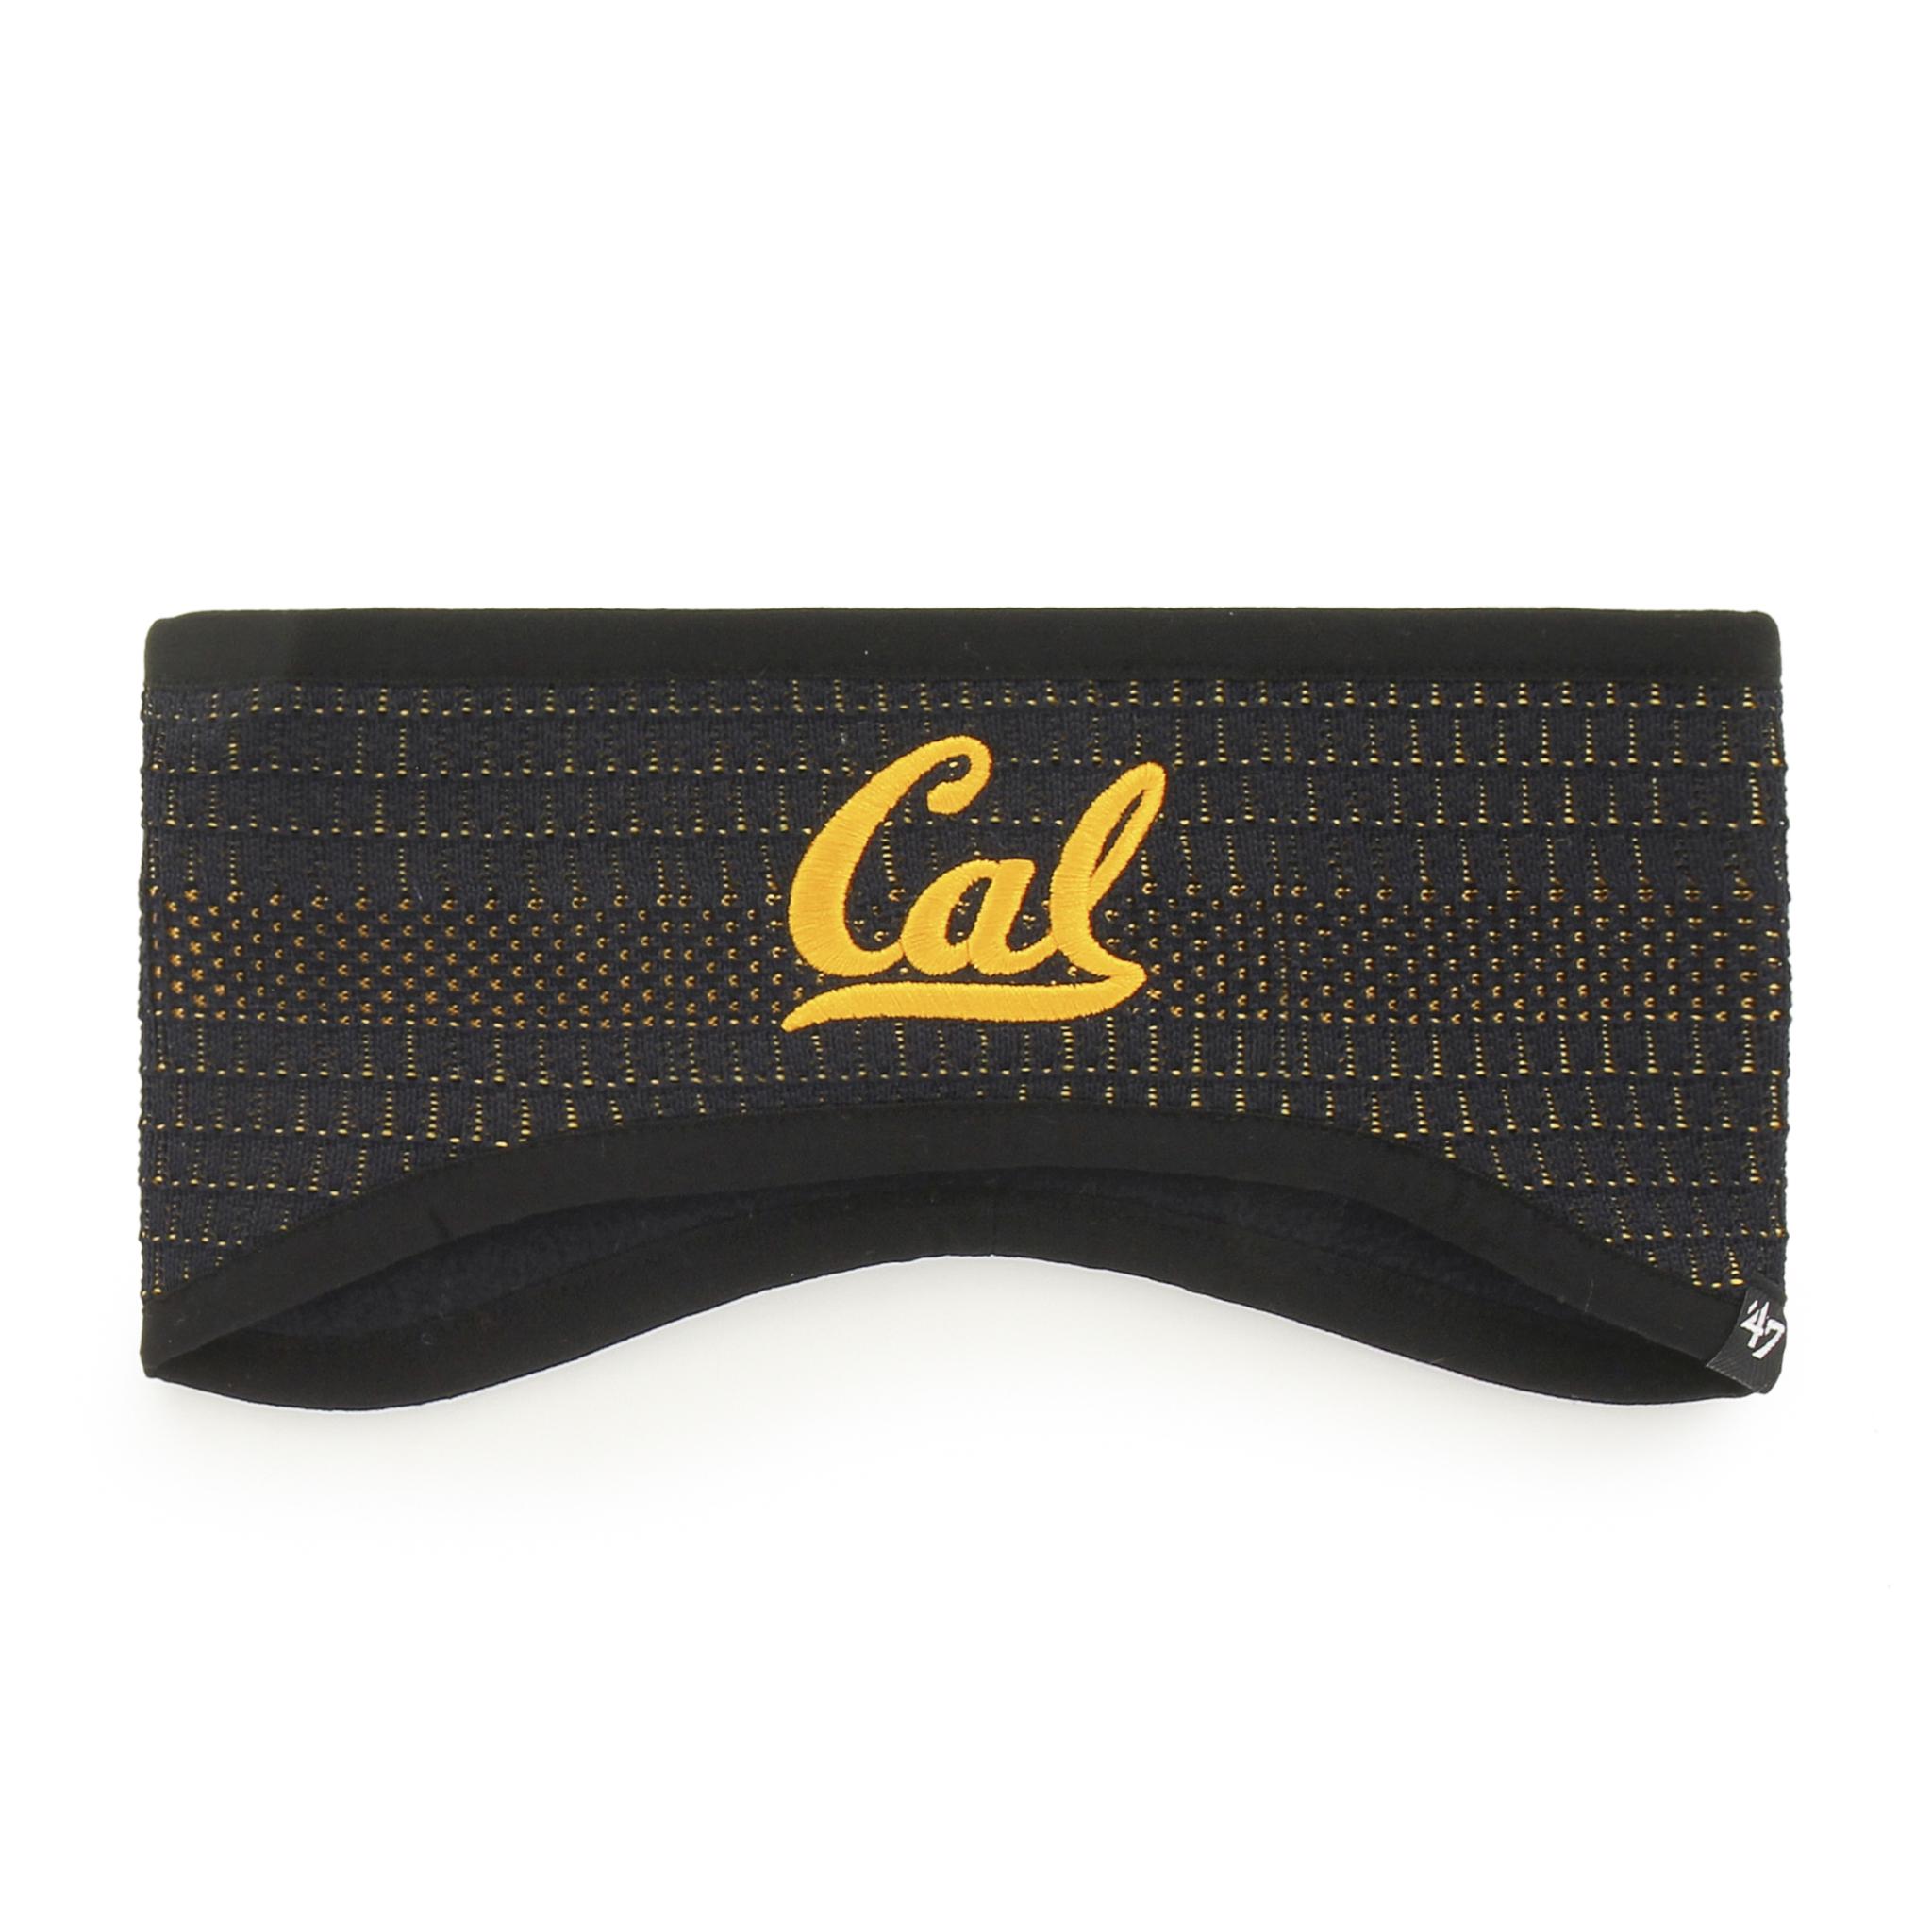 Cal Bears Warp Headband